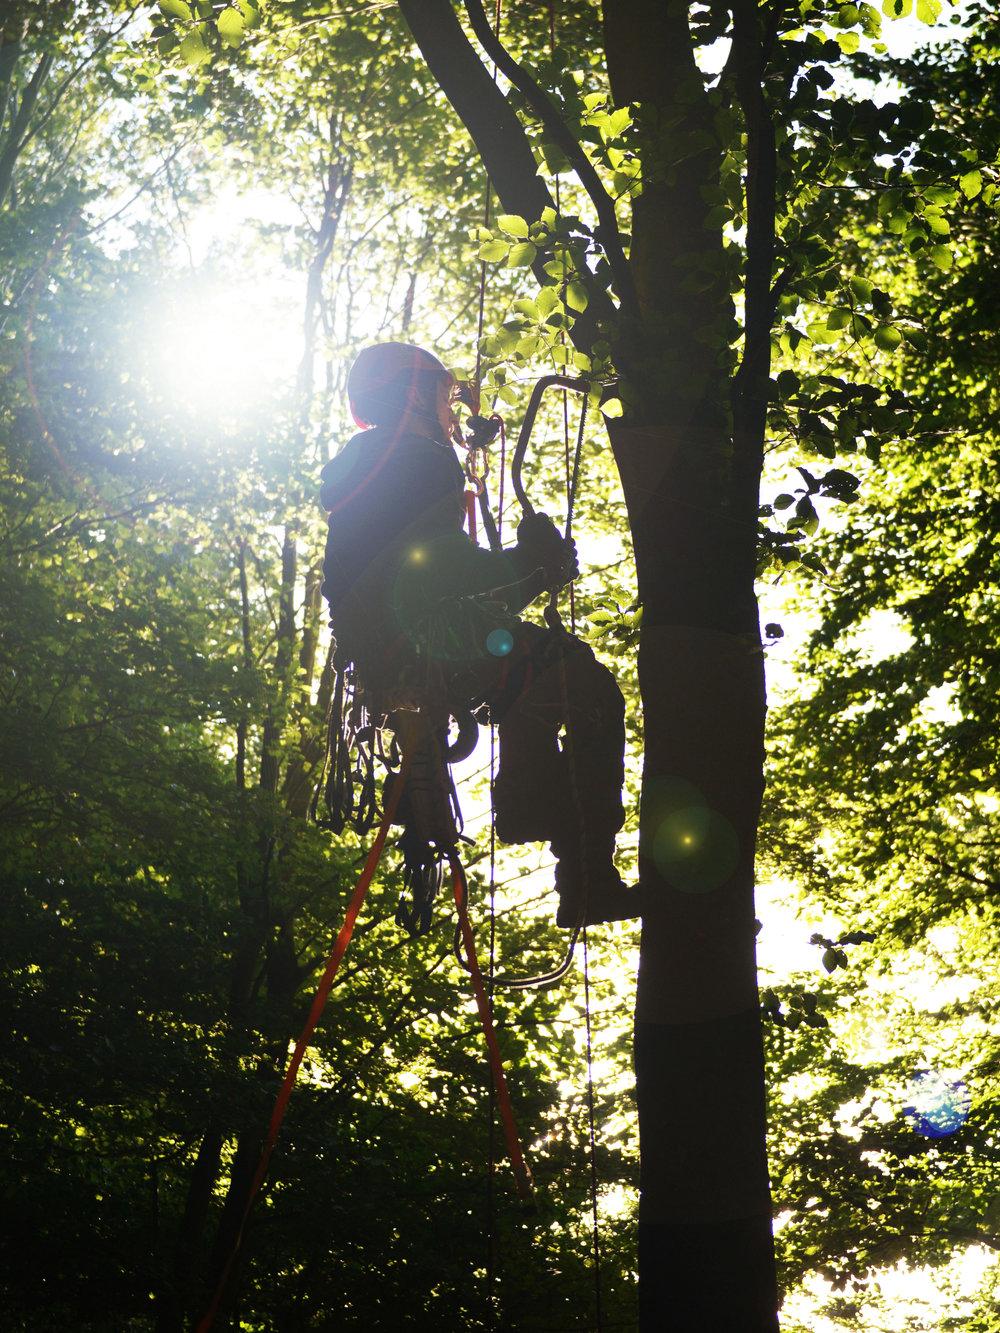 Baumhauslager - Zusammen bauen wir uns vom 23. Juli bis 4. August 2018in der Region Bern eine Unterkunft in luftigen Höhen und erleben dabei die Natur auf eine einzigartige Weise. Neben dem Bauen und vielen anderen Aktivitäten, erleben wir auch besinnliche Momente und Lagerfeuerromantik.Weitere Infos